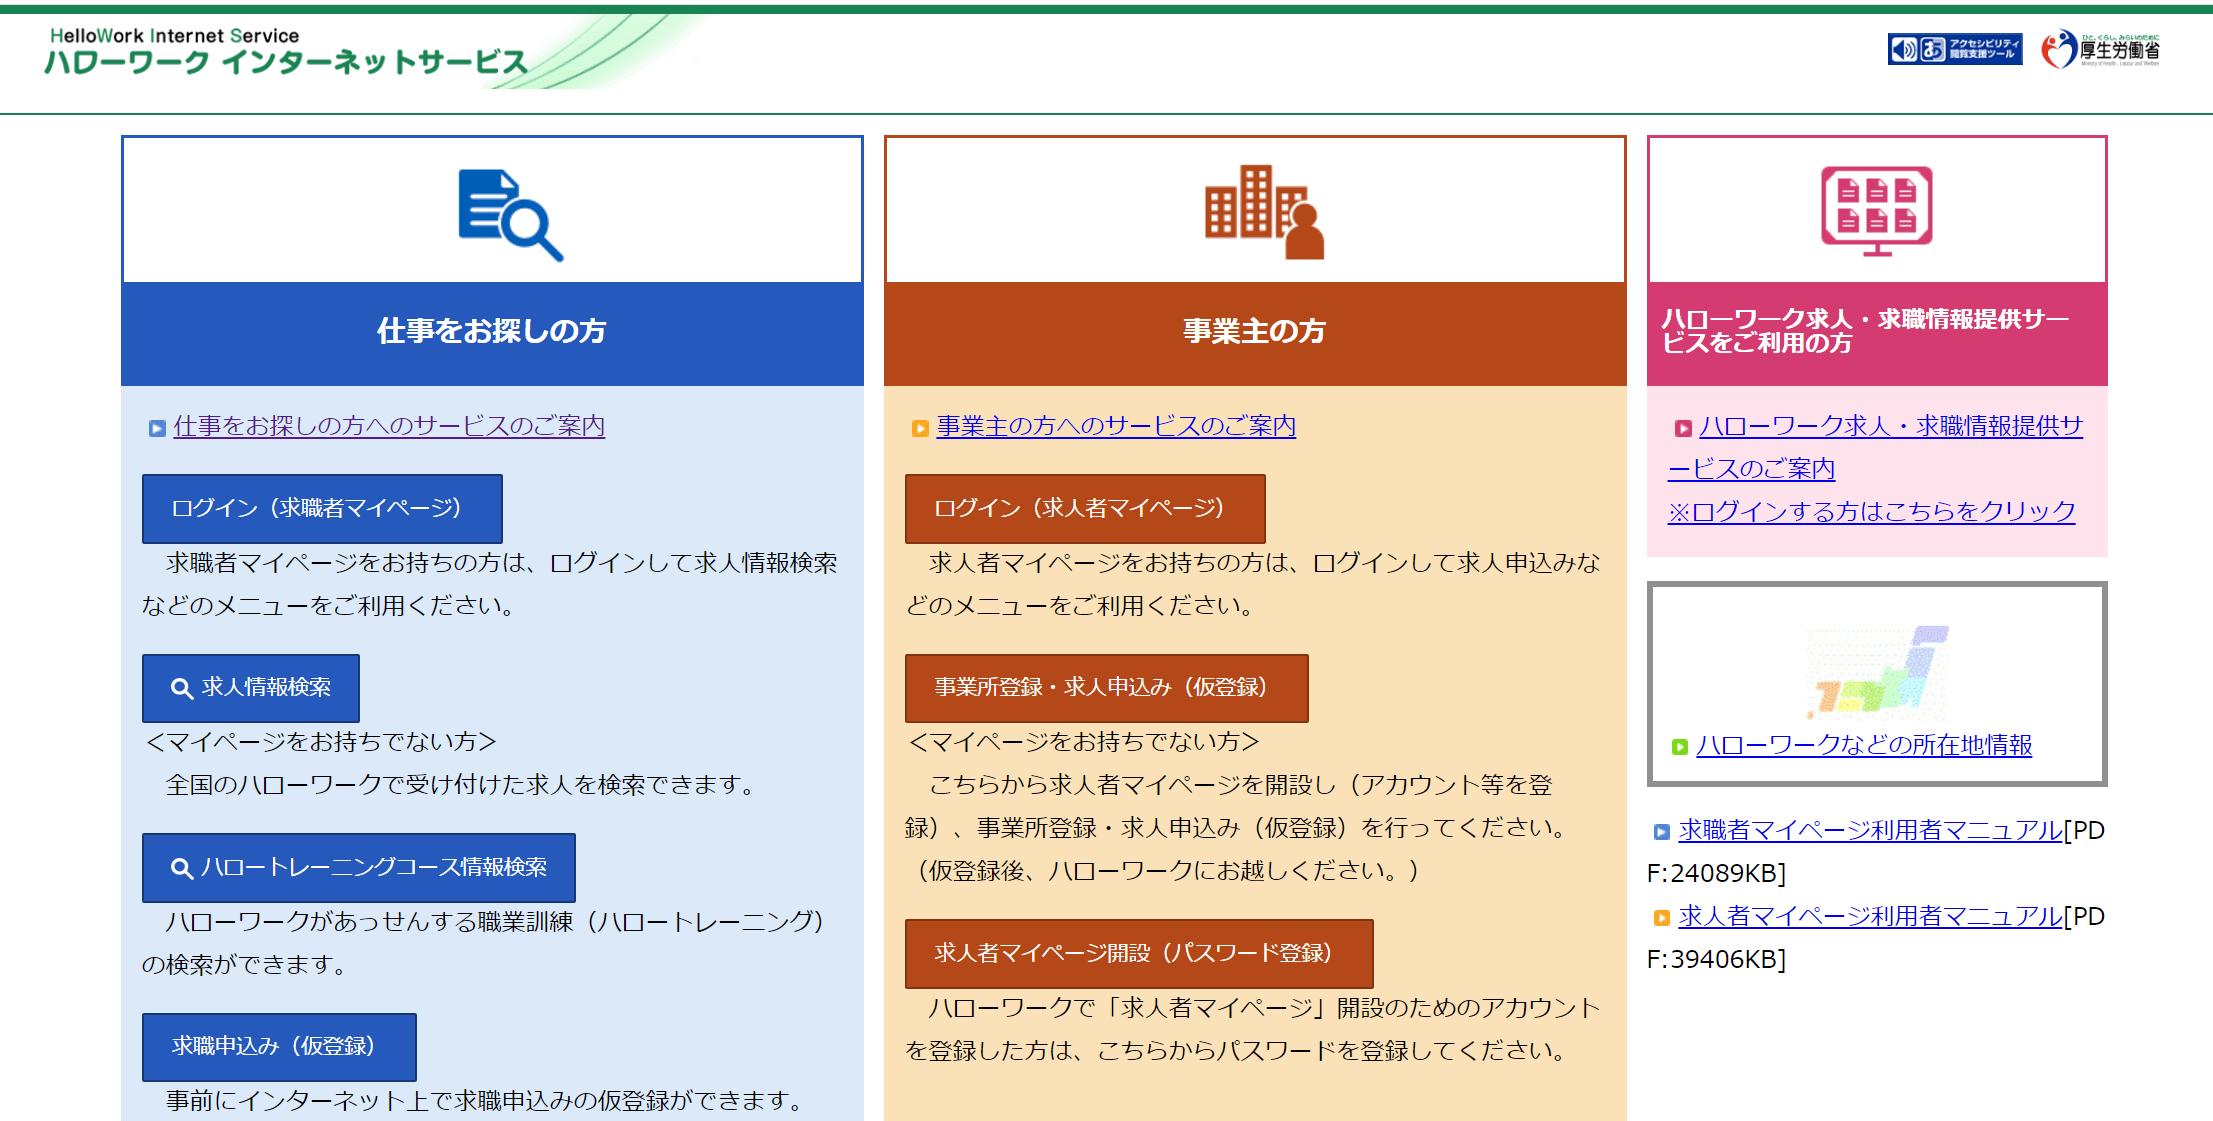 ハローワークのホームページ